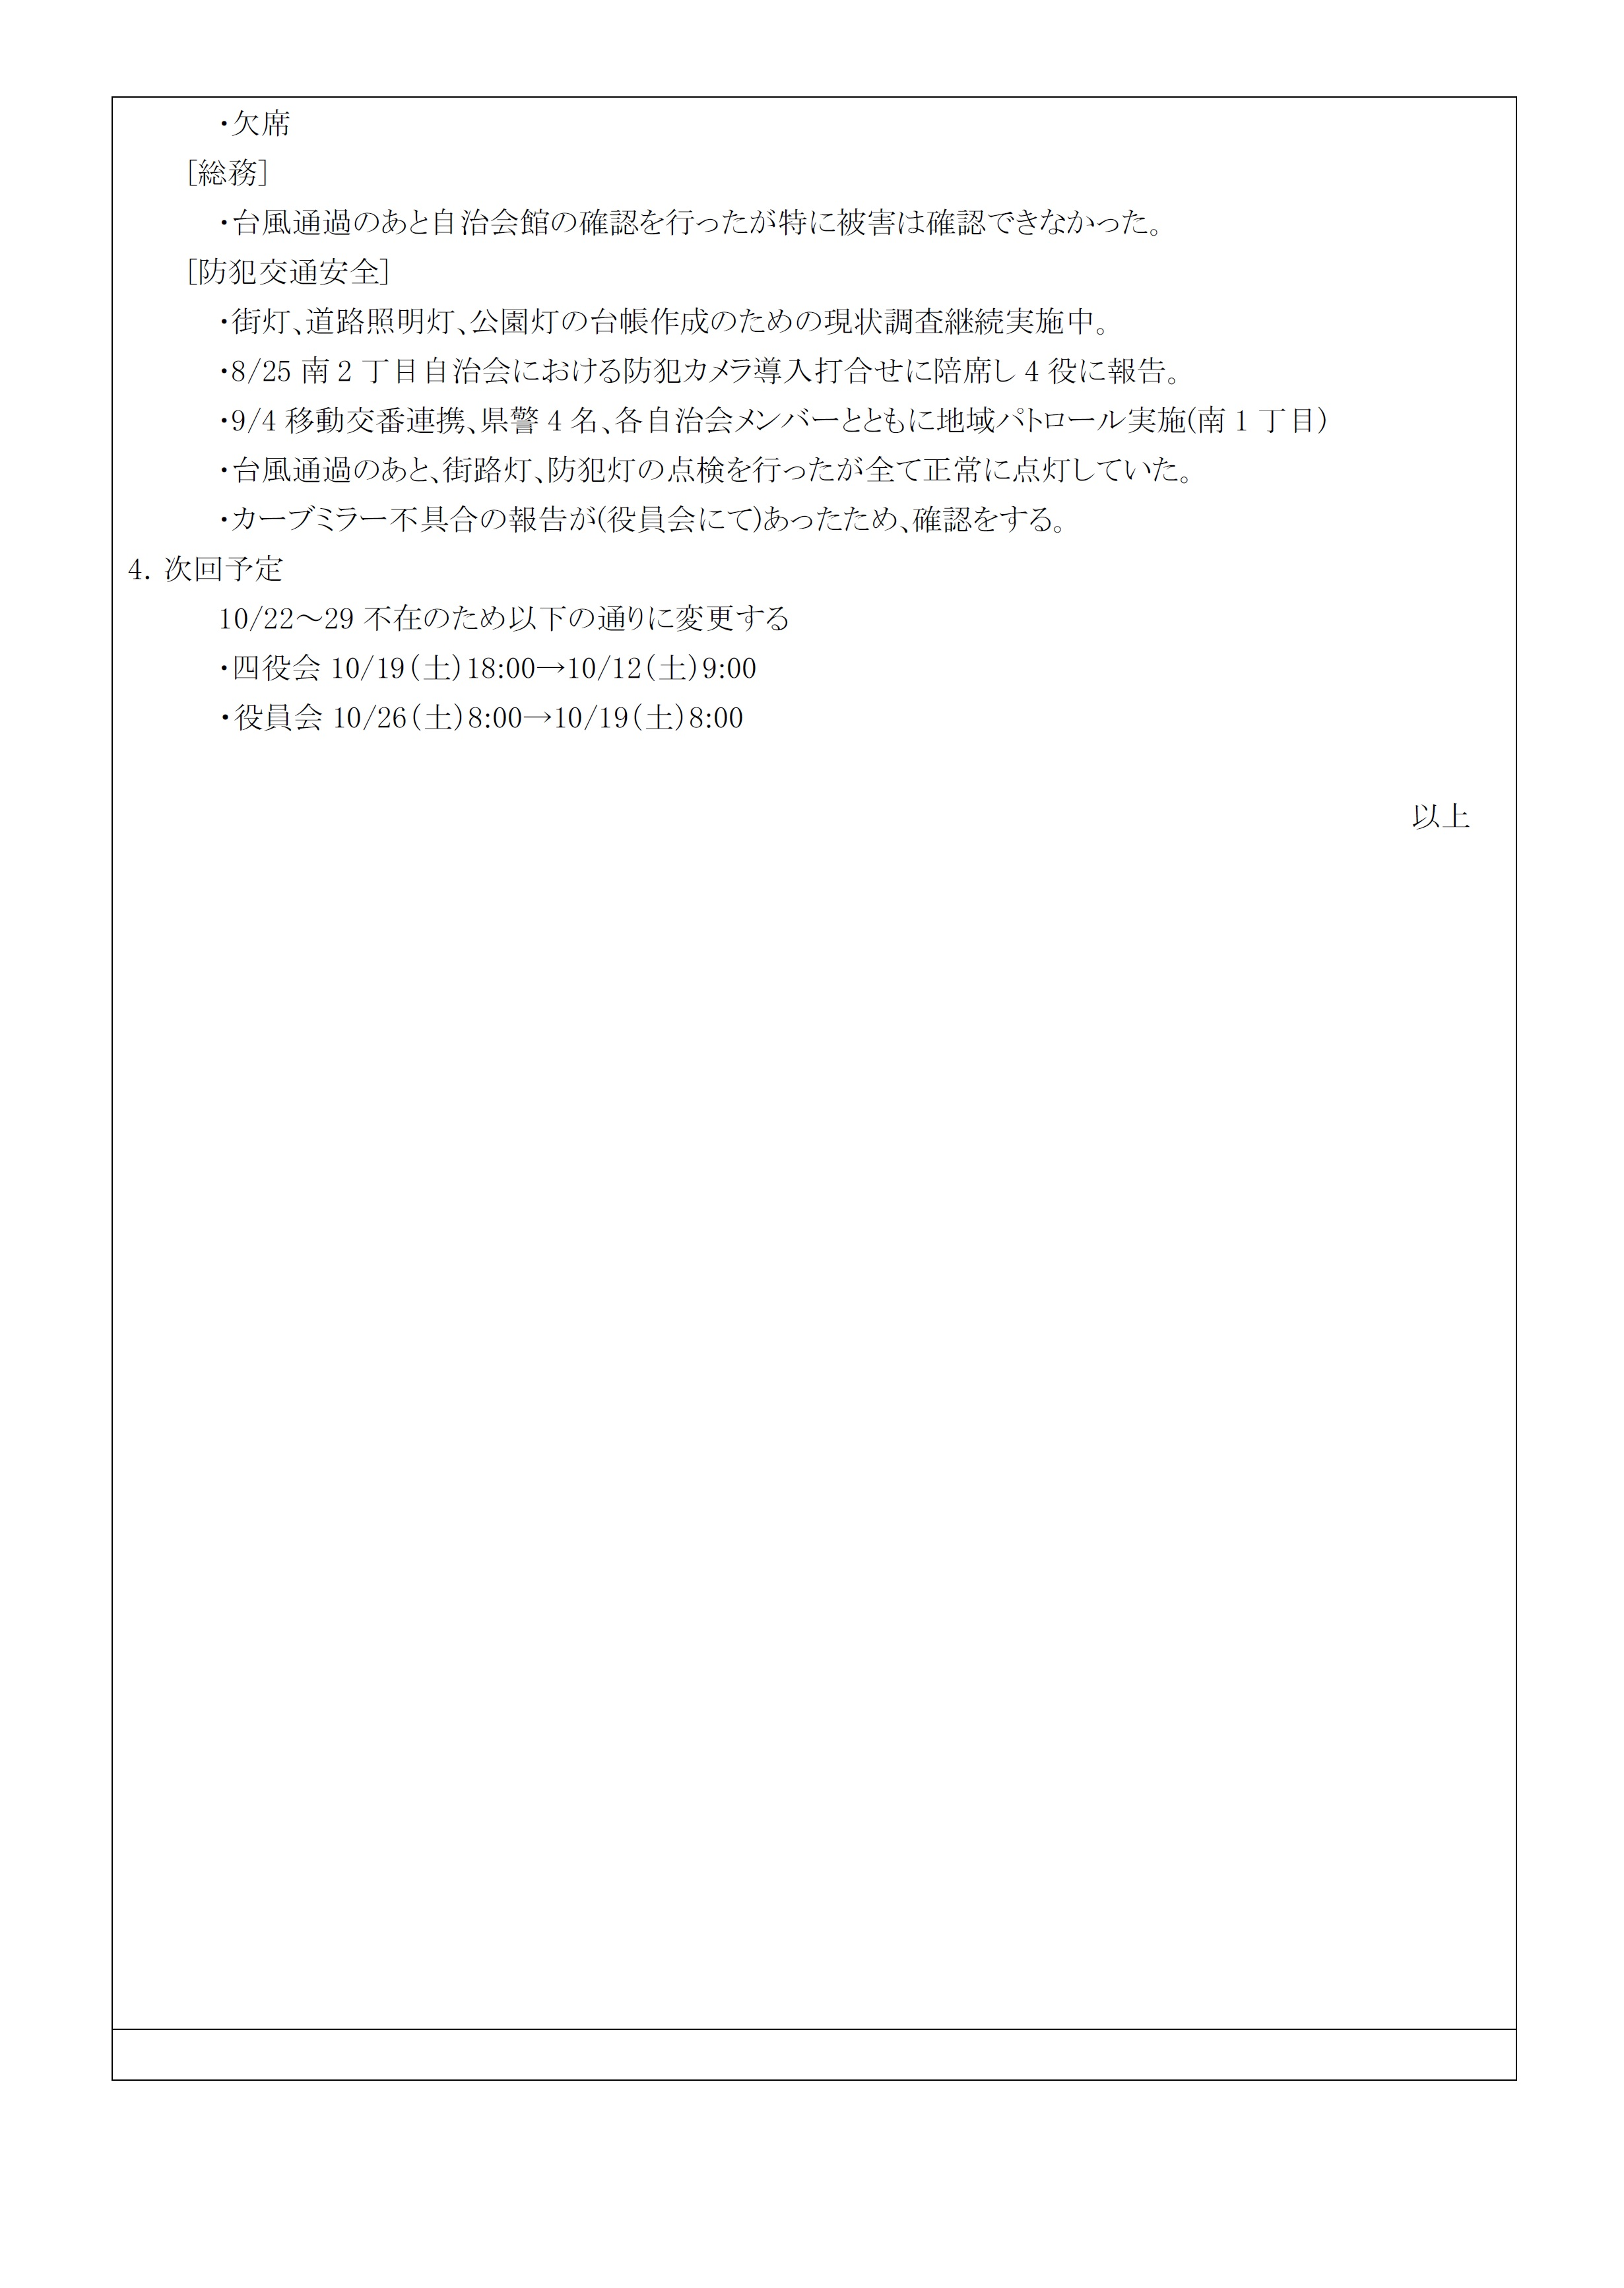 2019第6回役員会議事録P3